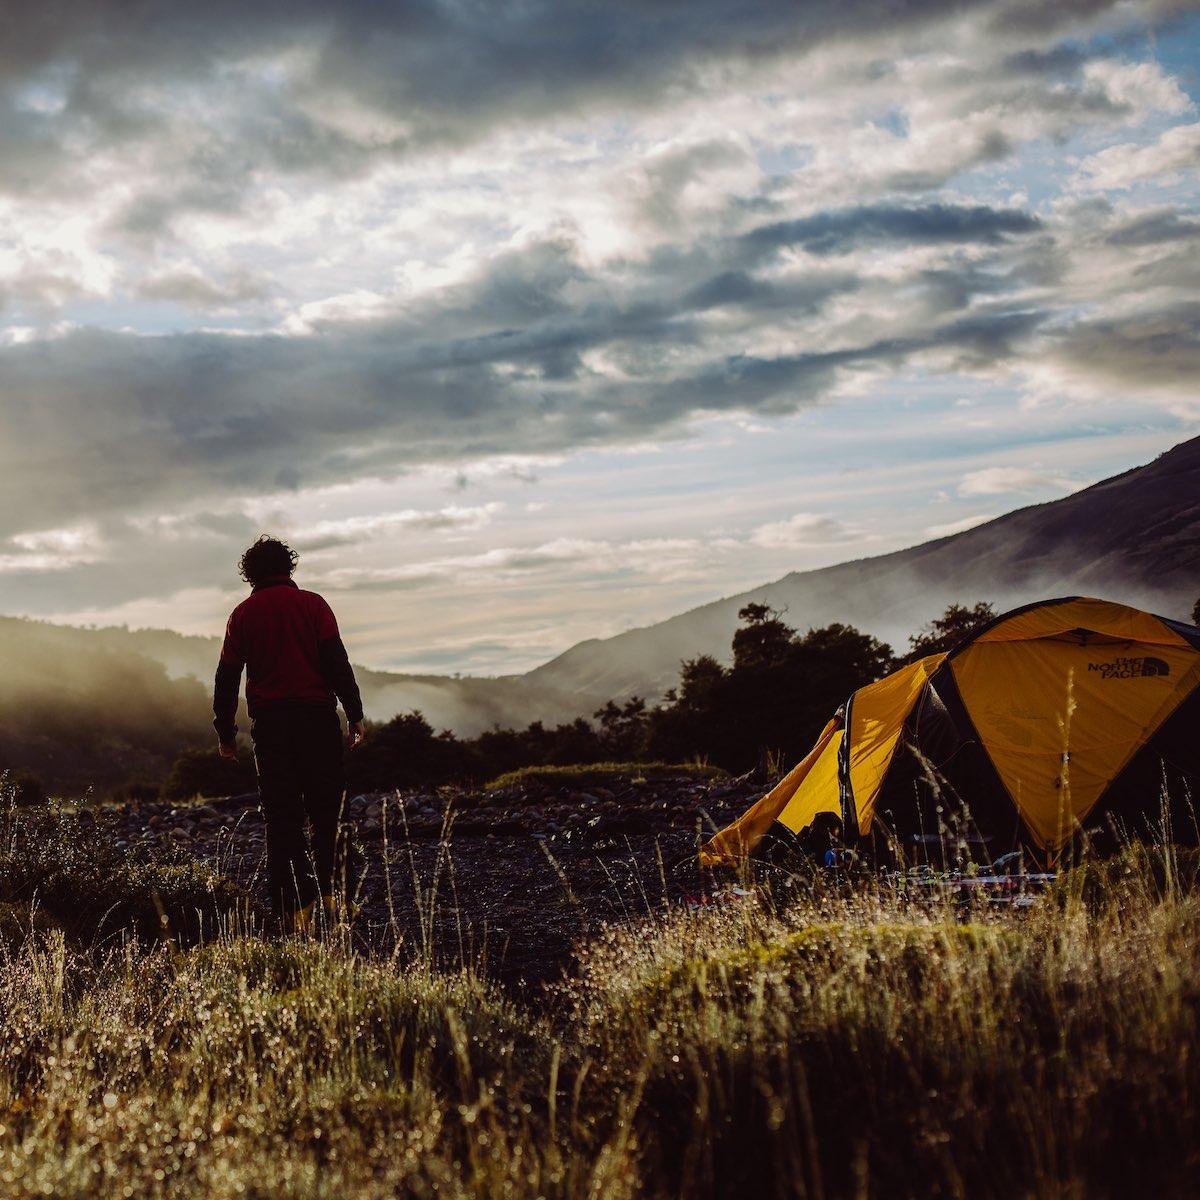 Zeltplätze sind auf Teneriffa rar. Wer aber ein wenig Geduld hat, kann sich die Genehmigung holen, mitten in den Bergen umsonst zu campen.